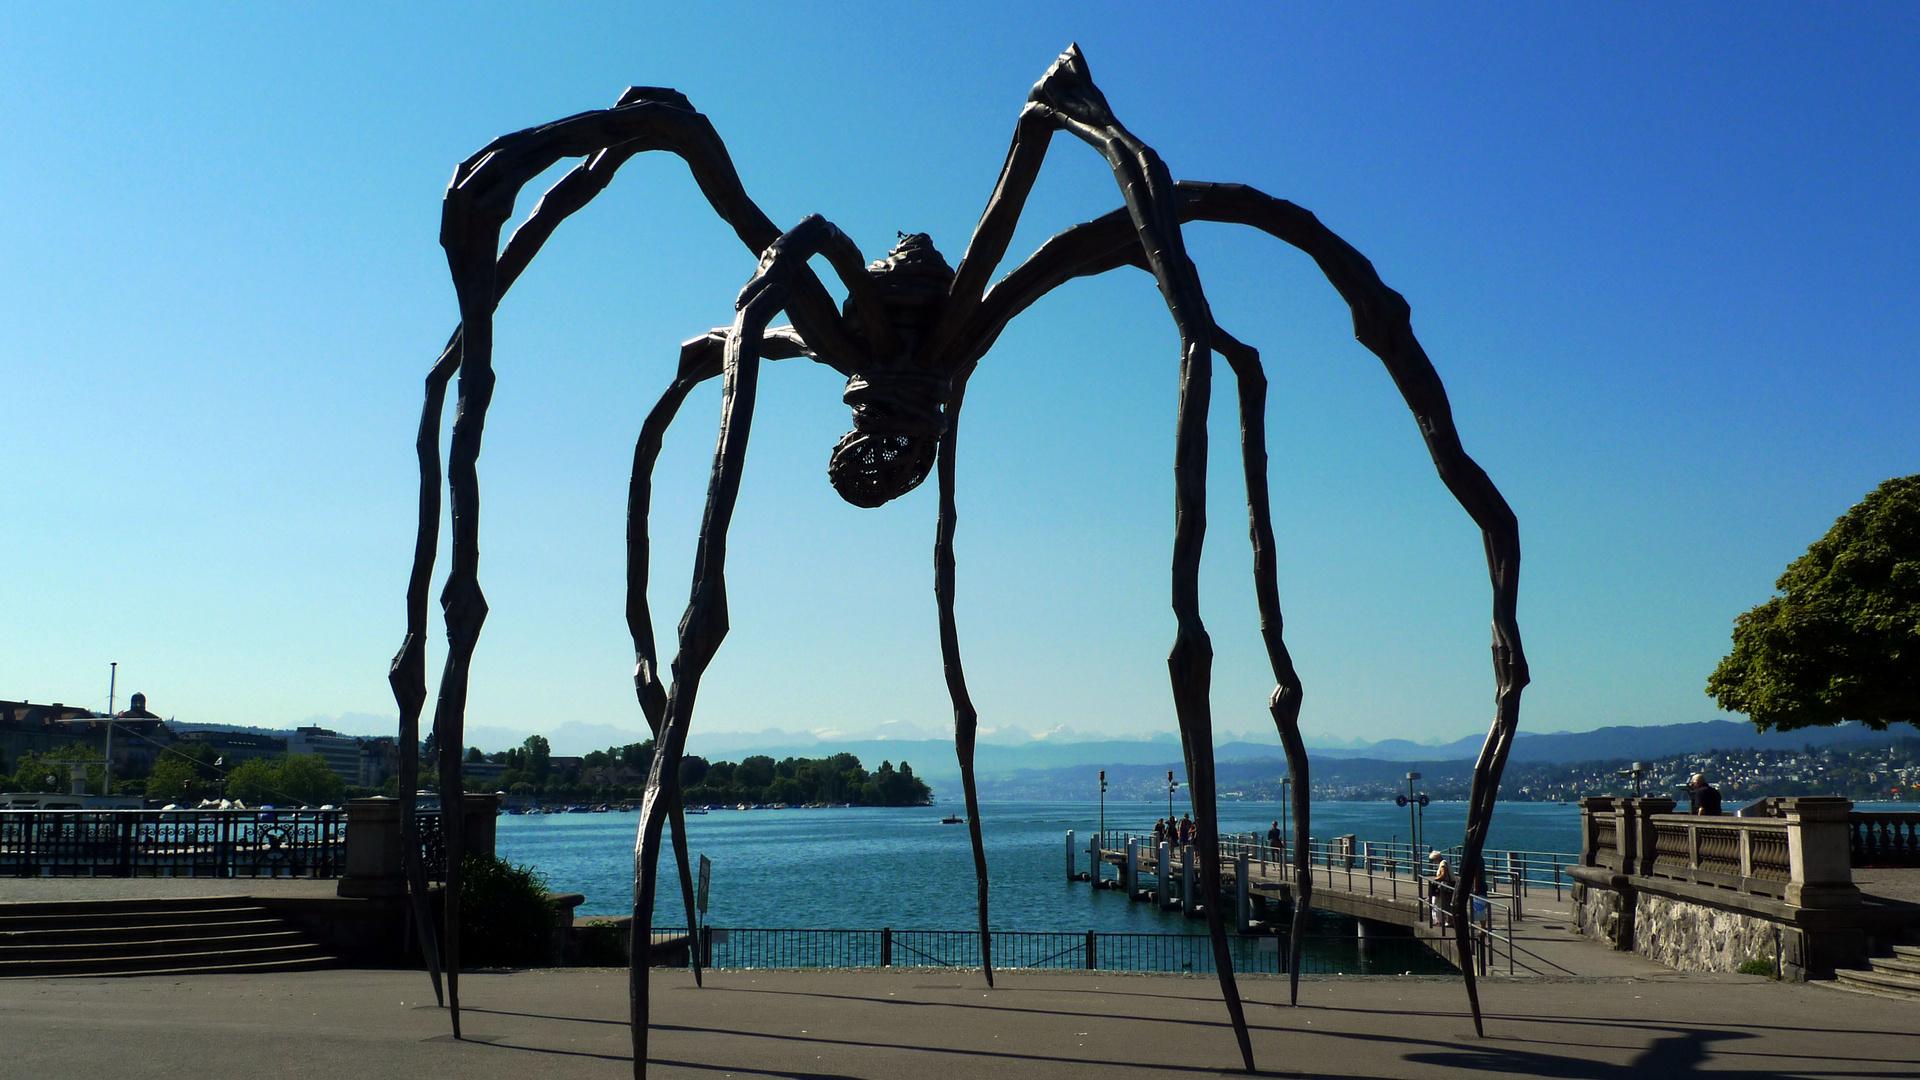 Z rich die spinne mit blick auf see skulptur von louise bourgeois foto bild - Bourgeois foto ...